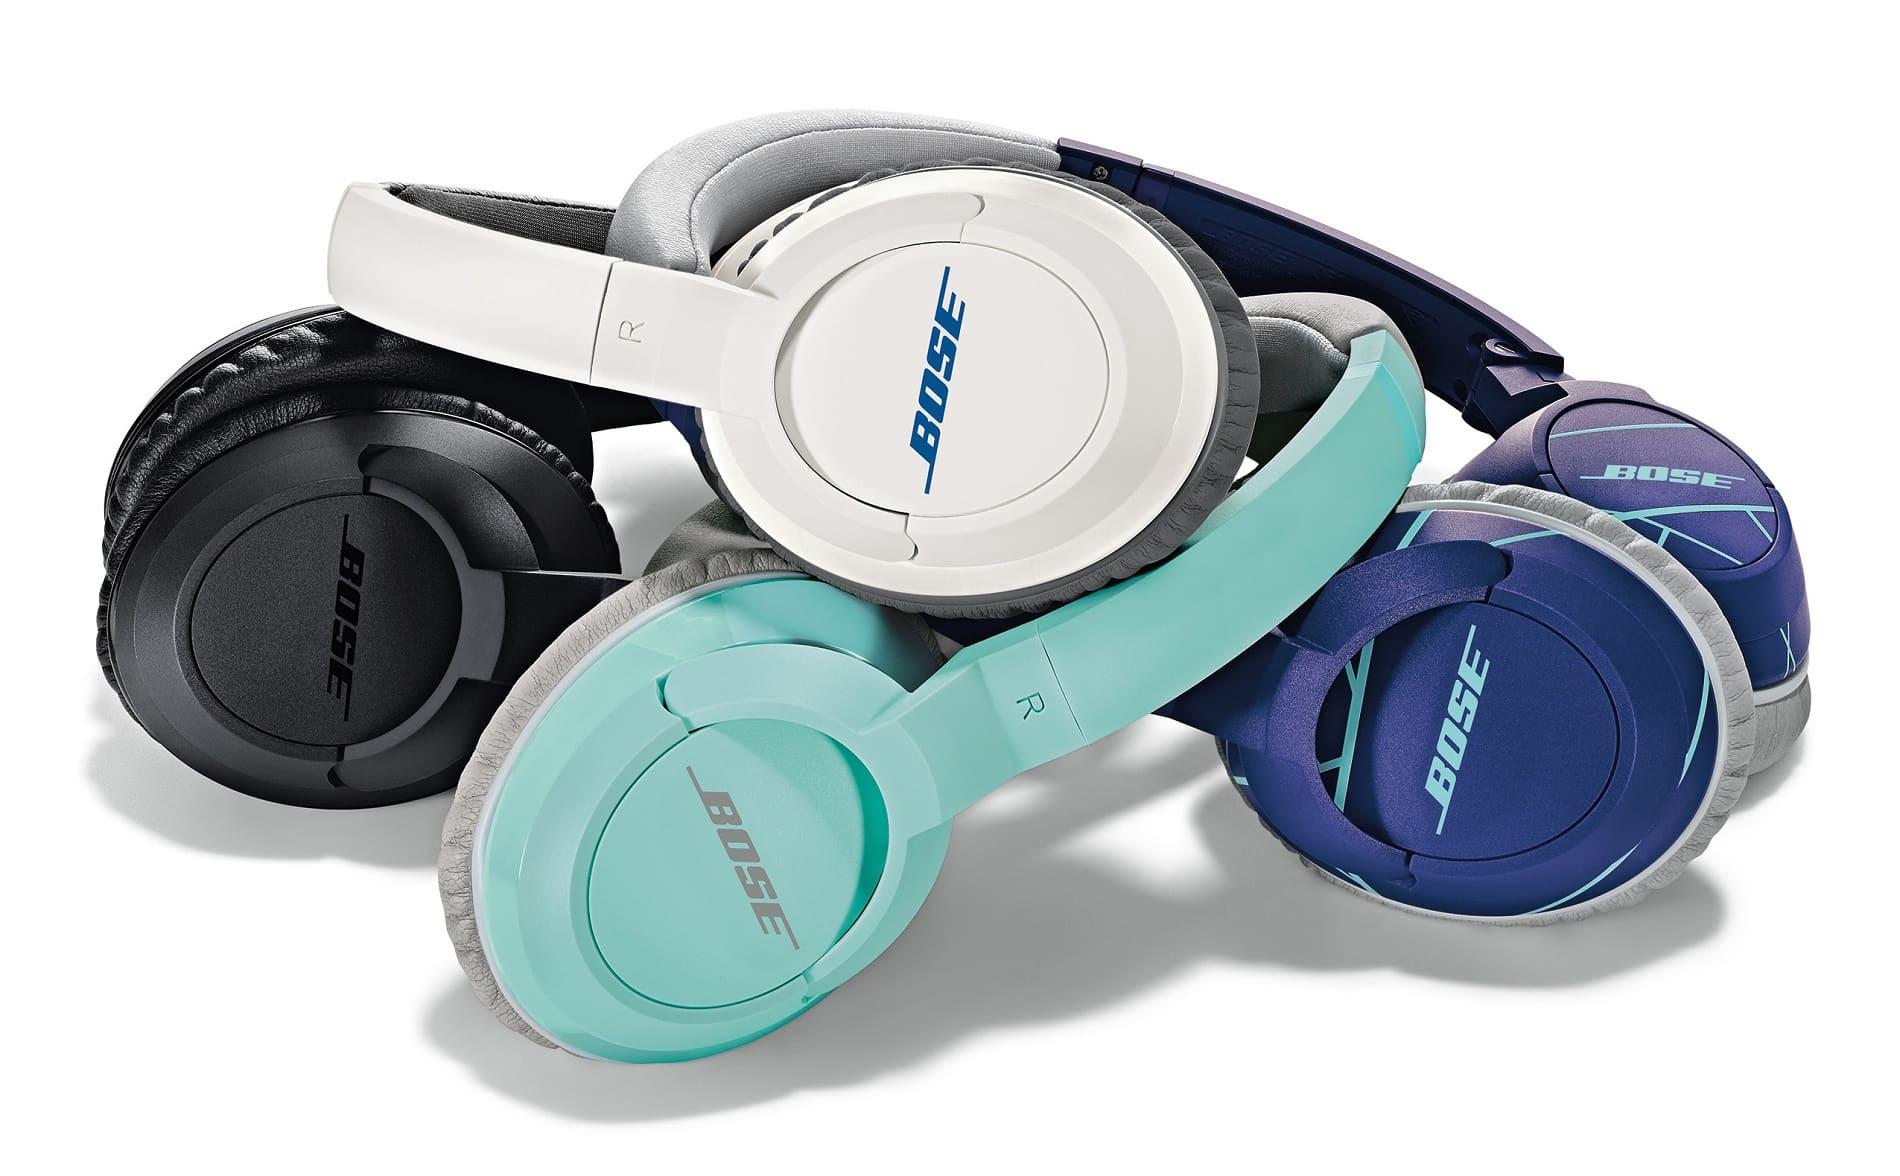 Apple decidió quitar de su tienda online todo productos de Bose, especialmente audífonos.